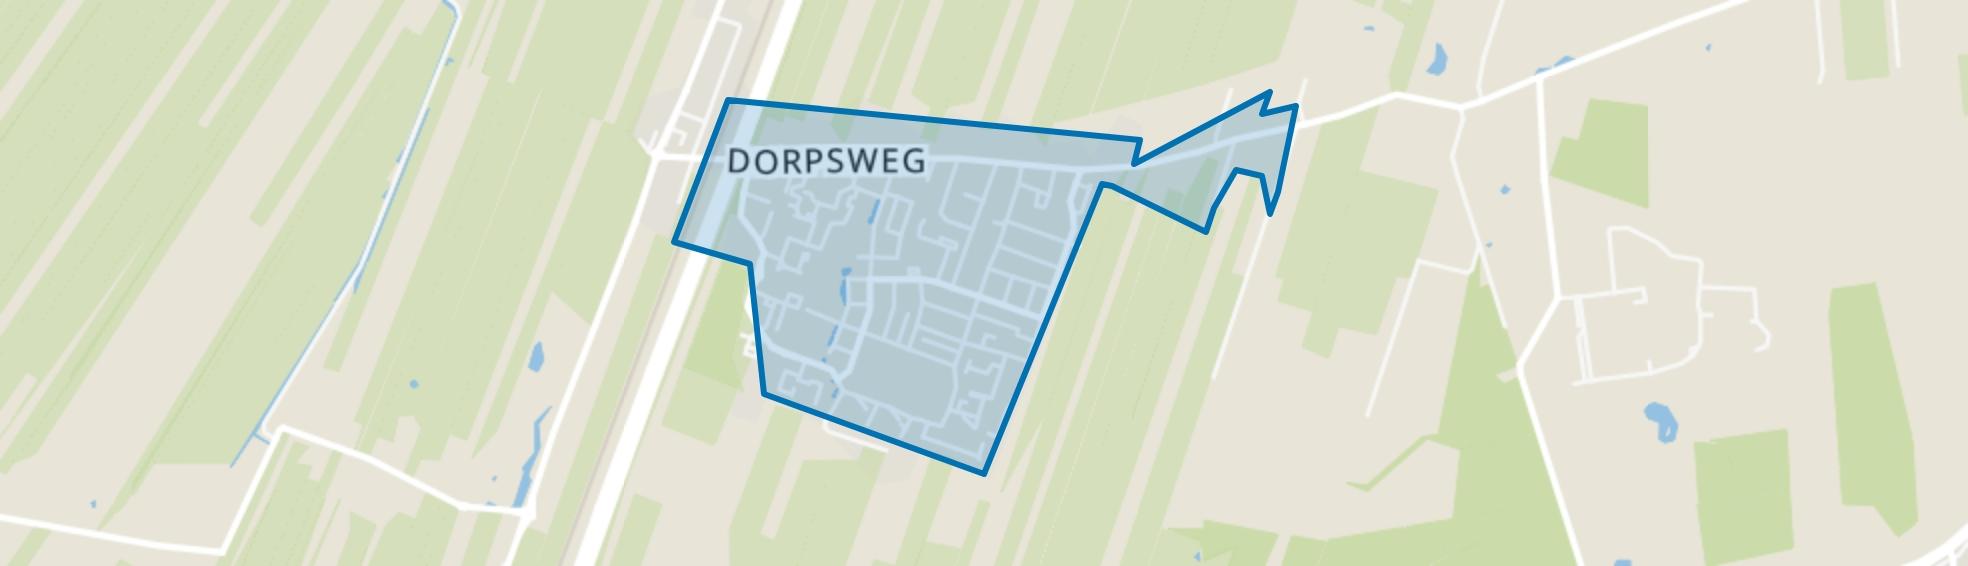 Maartensdijk Kern, Maartensdijk map